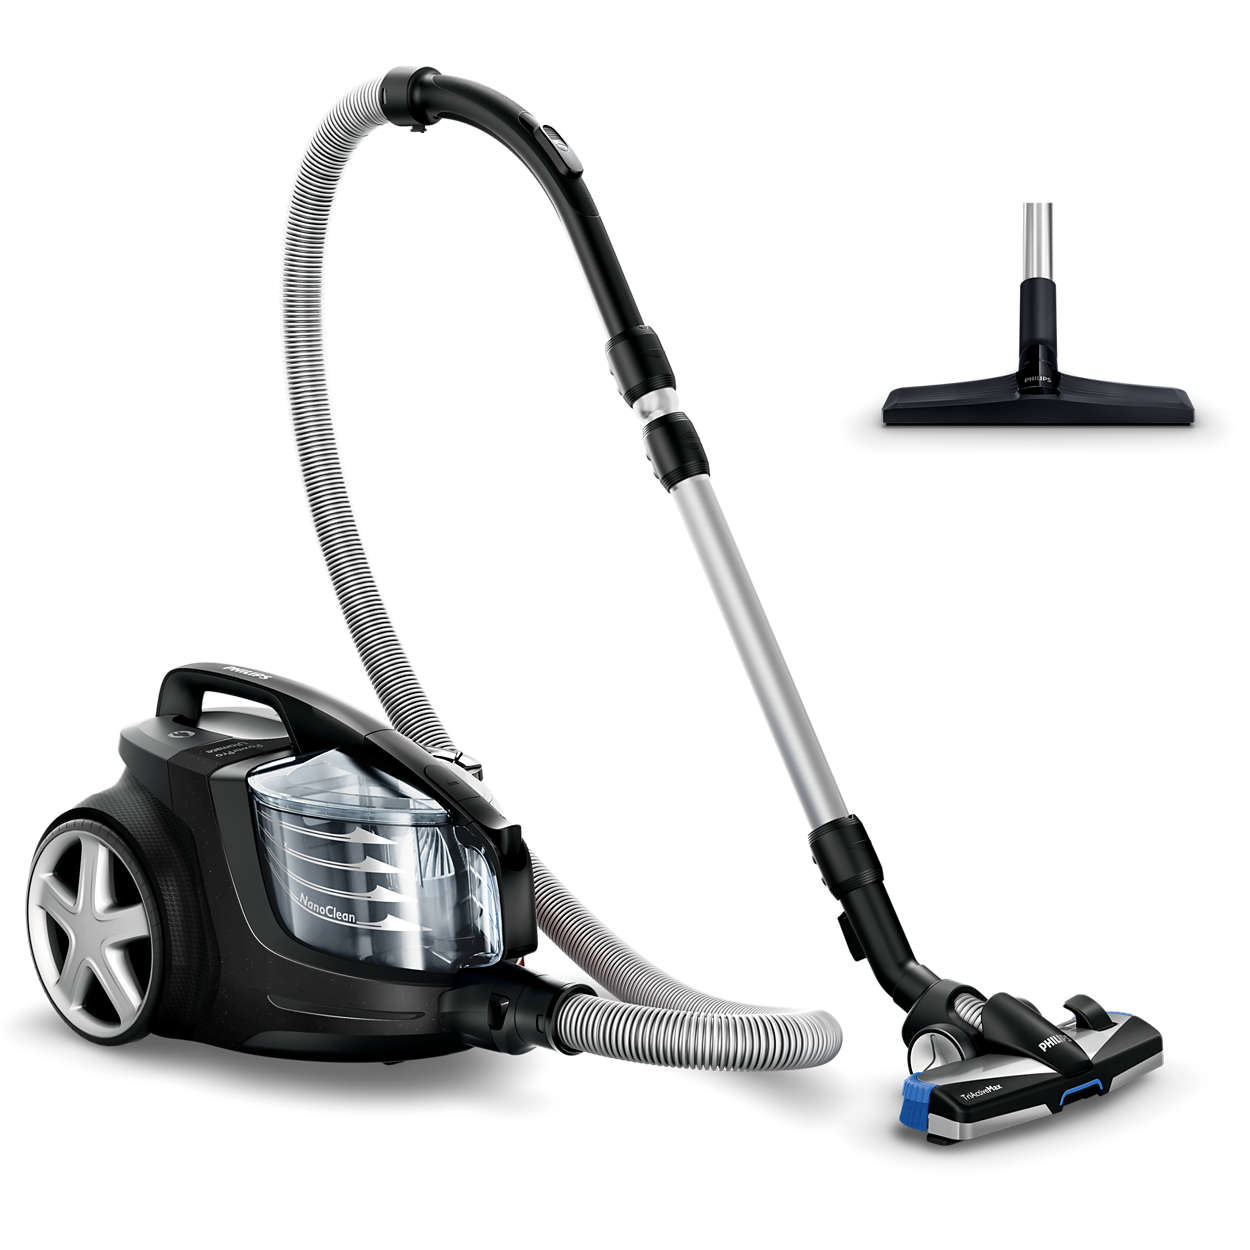 Élimine plus de poussière que n'importe quel aspirateur 2400W*